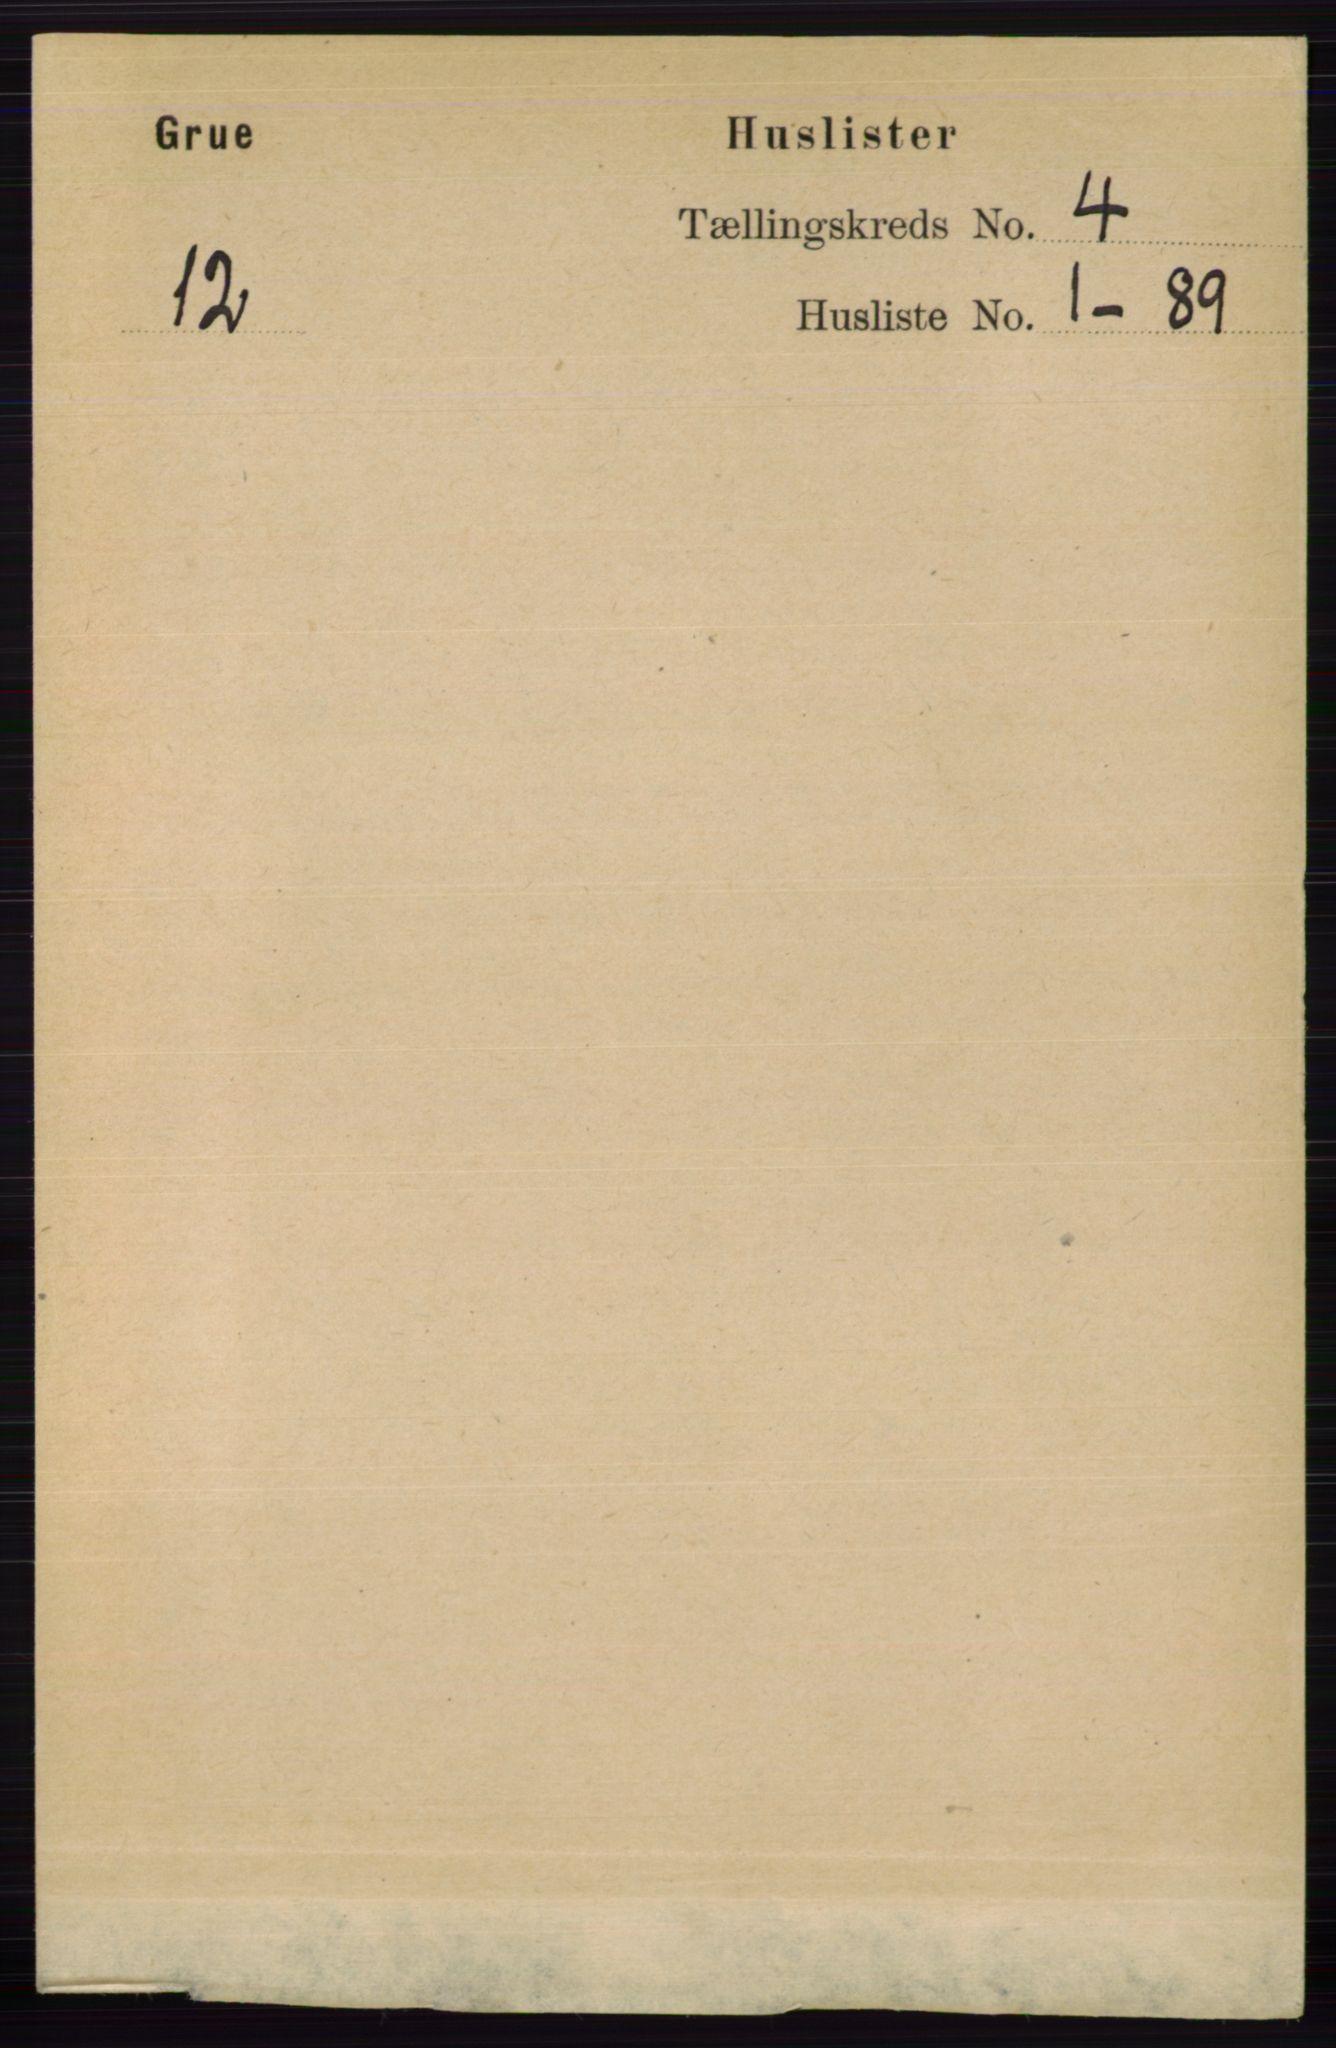 RA, Folketelling 1891 for 0423 Grue herred, 1891, s. 2012